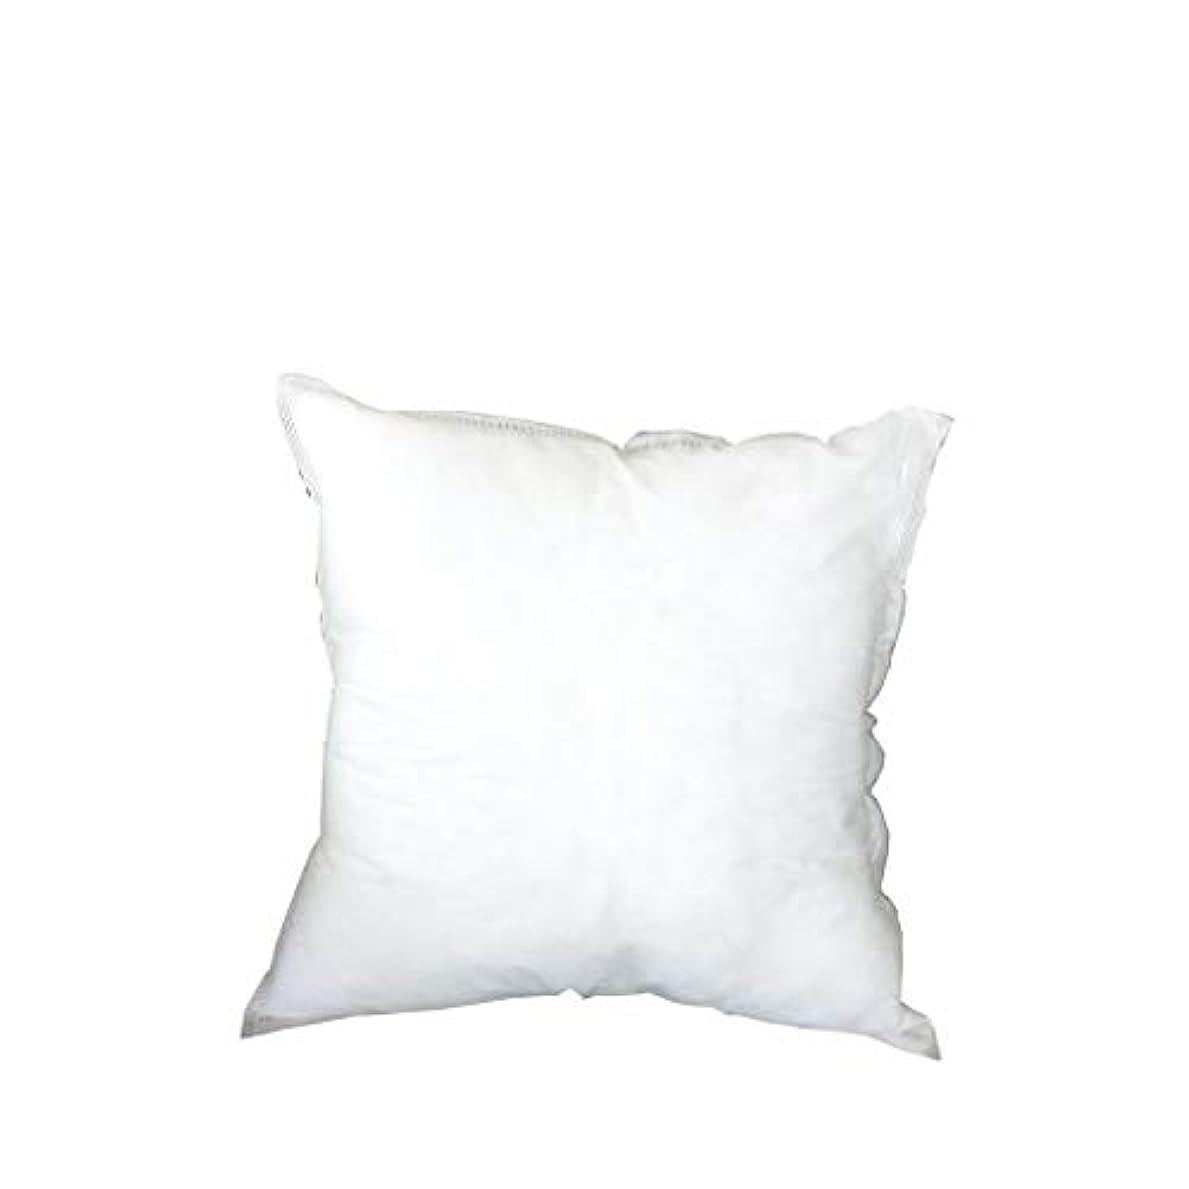 キャビン気難しい神経障害LIFE 寝具正方形 PP 綿枕インテリア家の装飾白 45 × 45 車のソファチェアクッション coussin decoratif 新 クッション 椅子